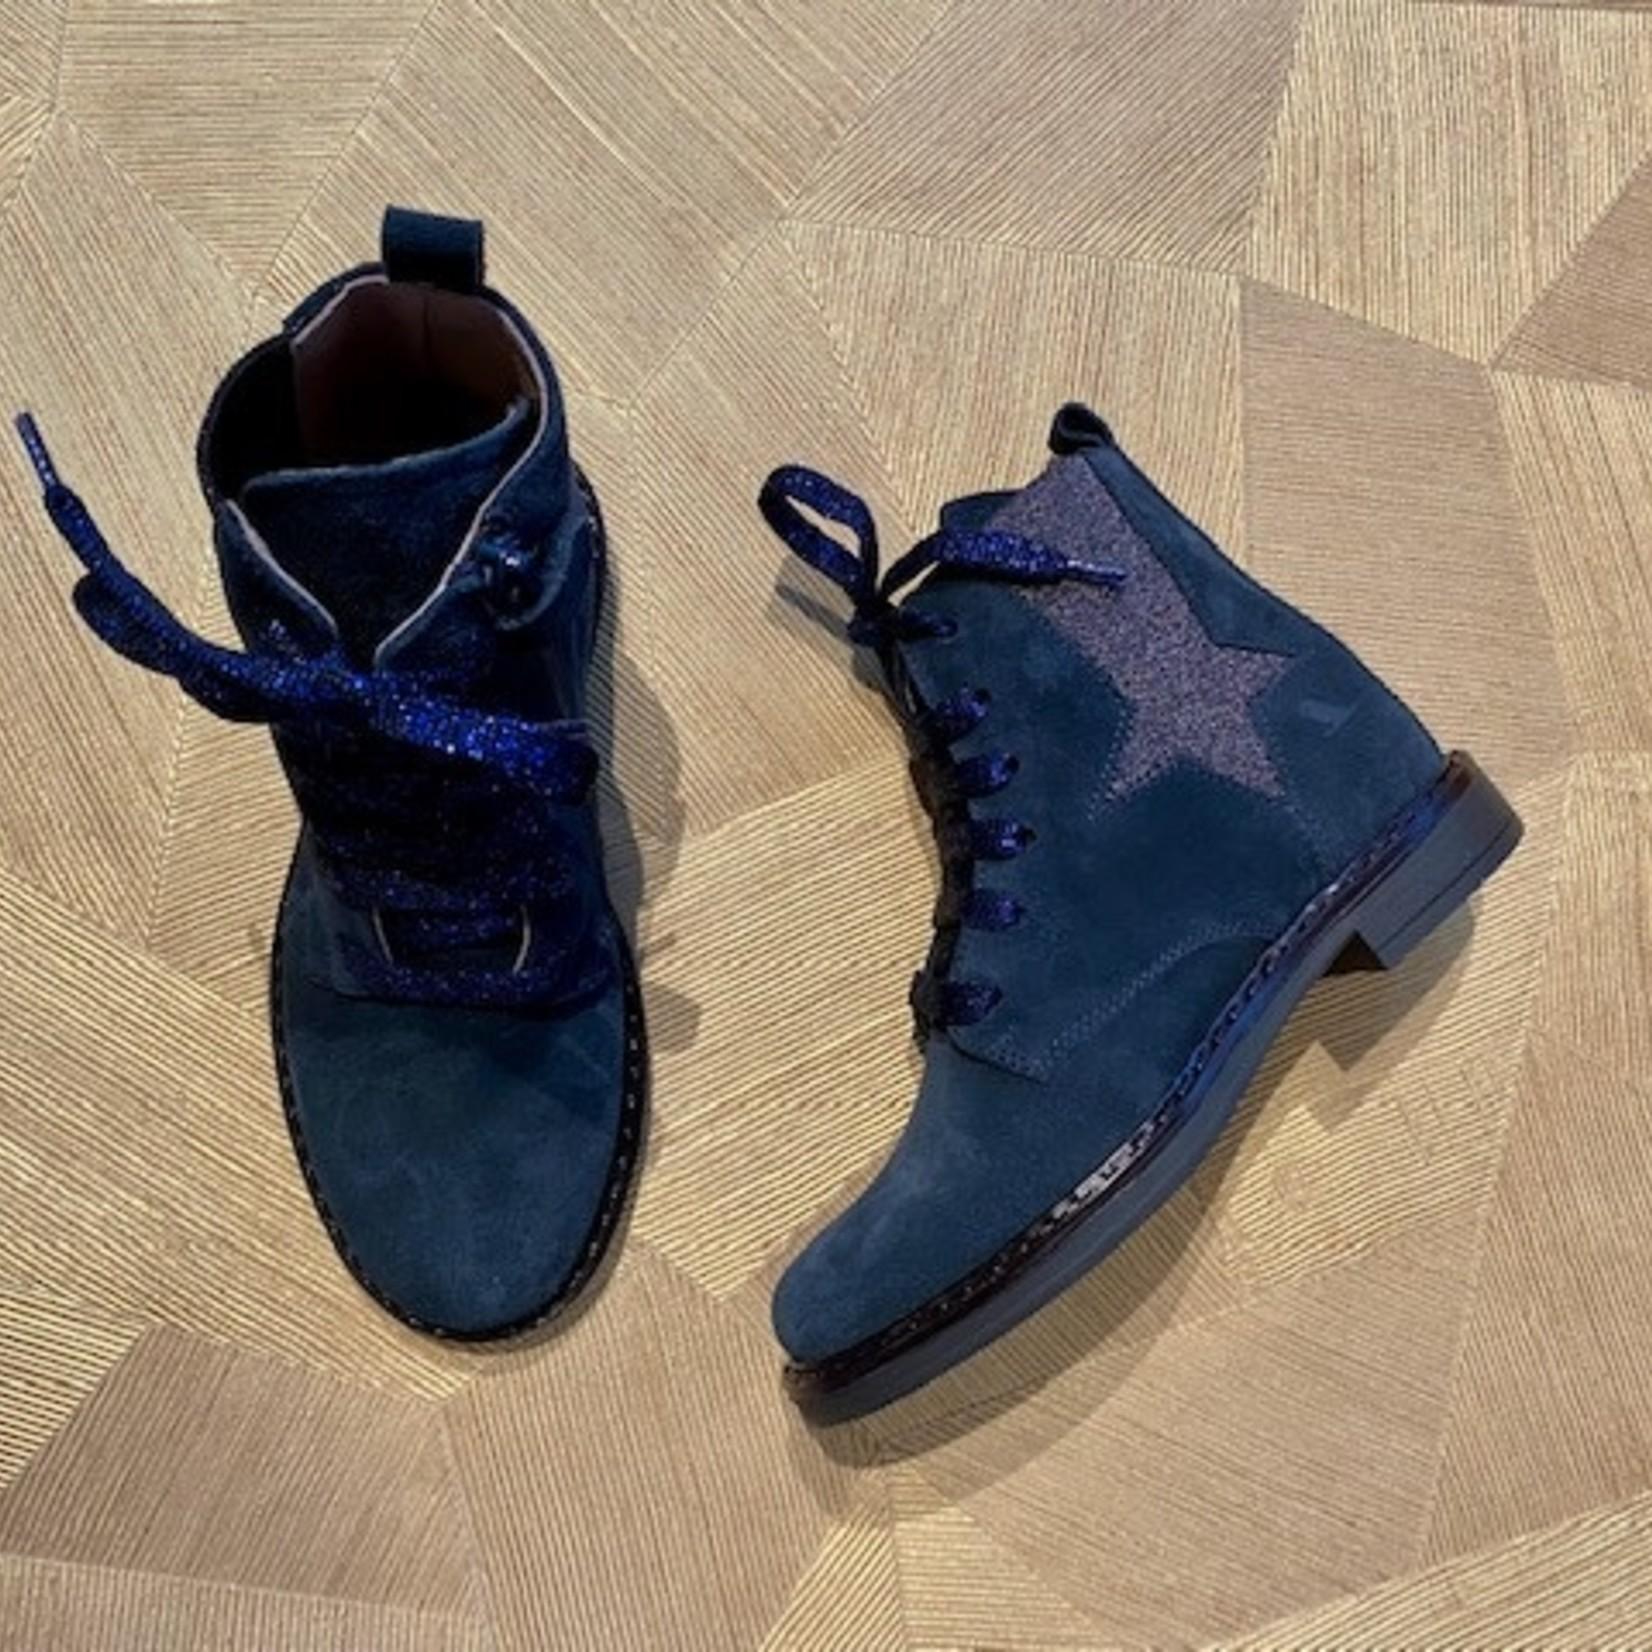 BANA & CO BANA & CO kist velour BLUE